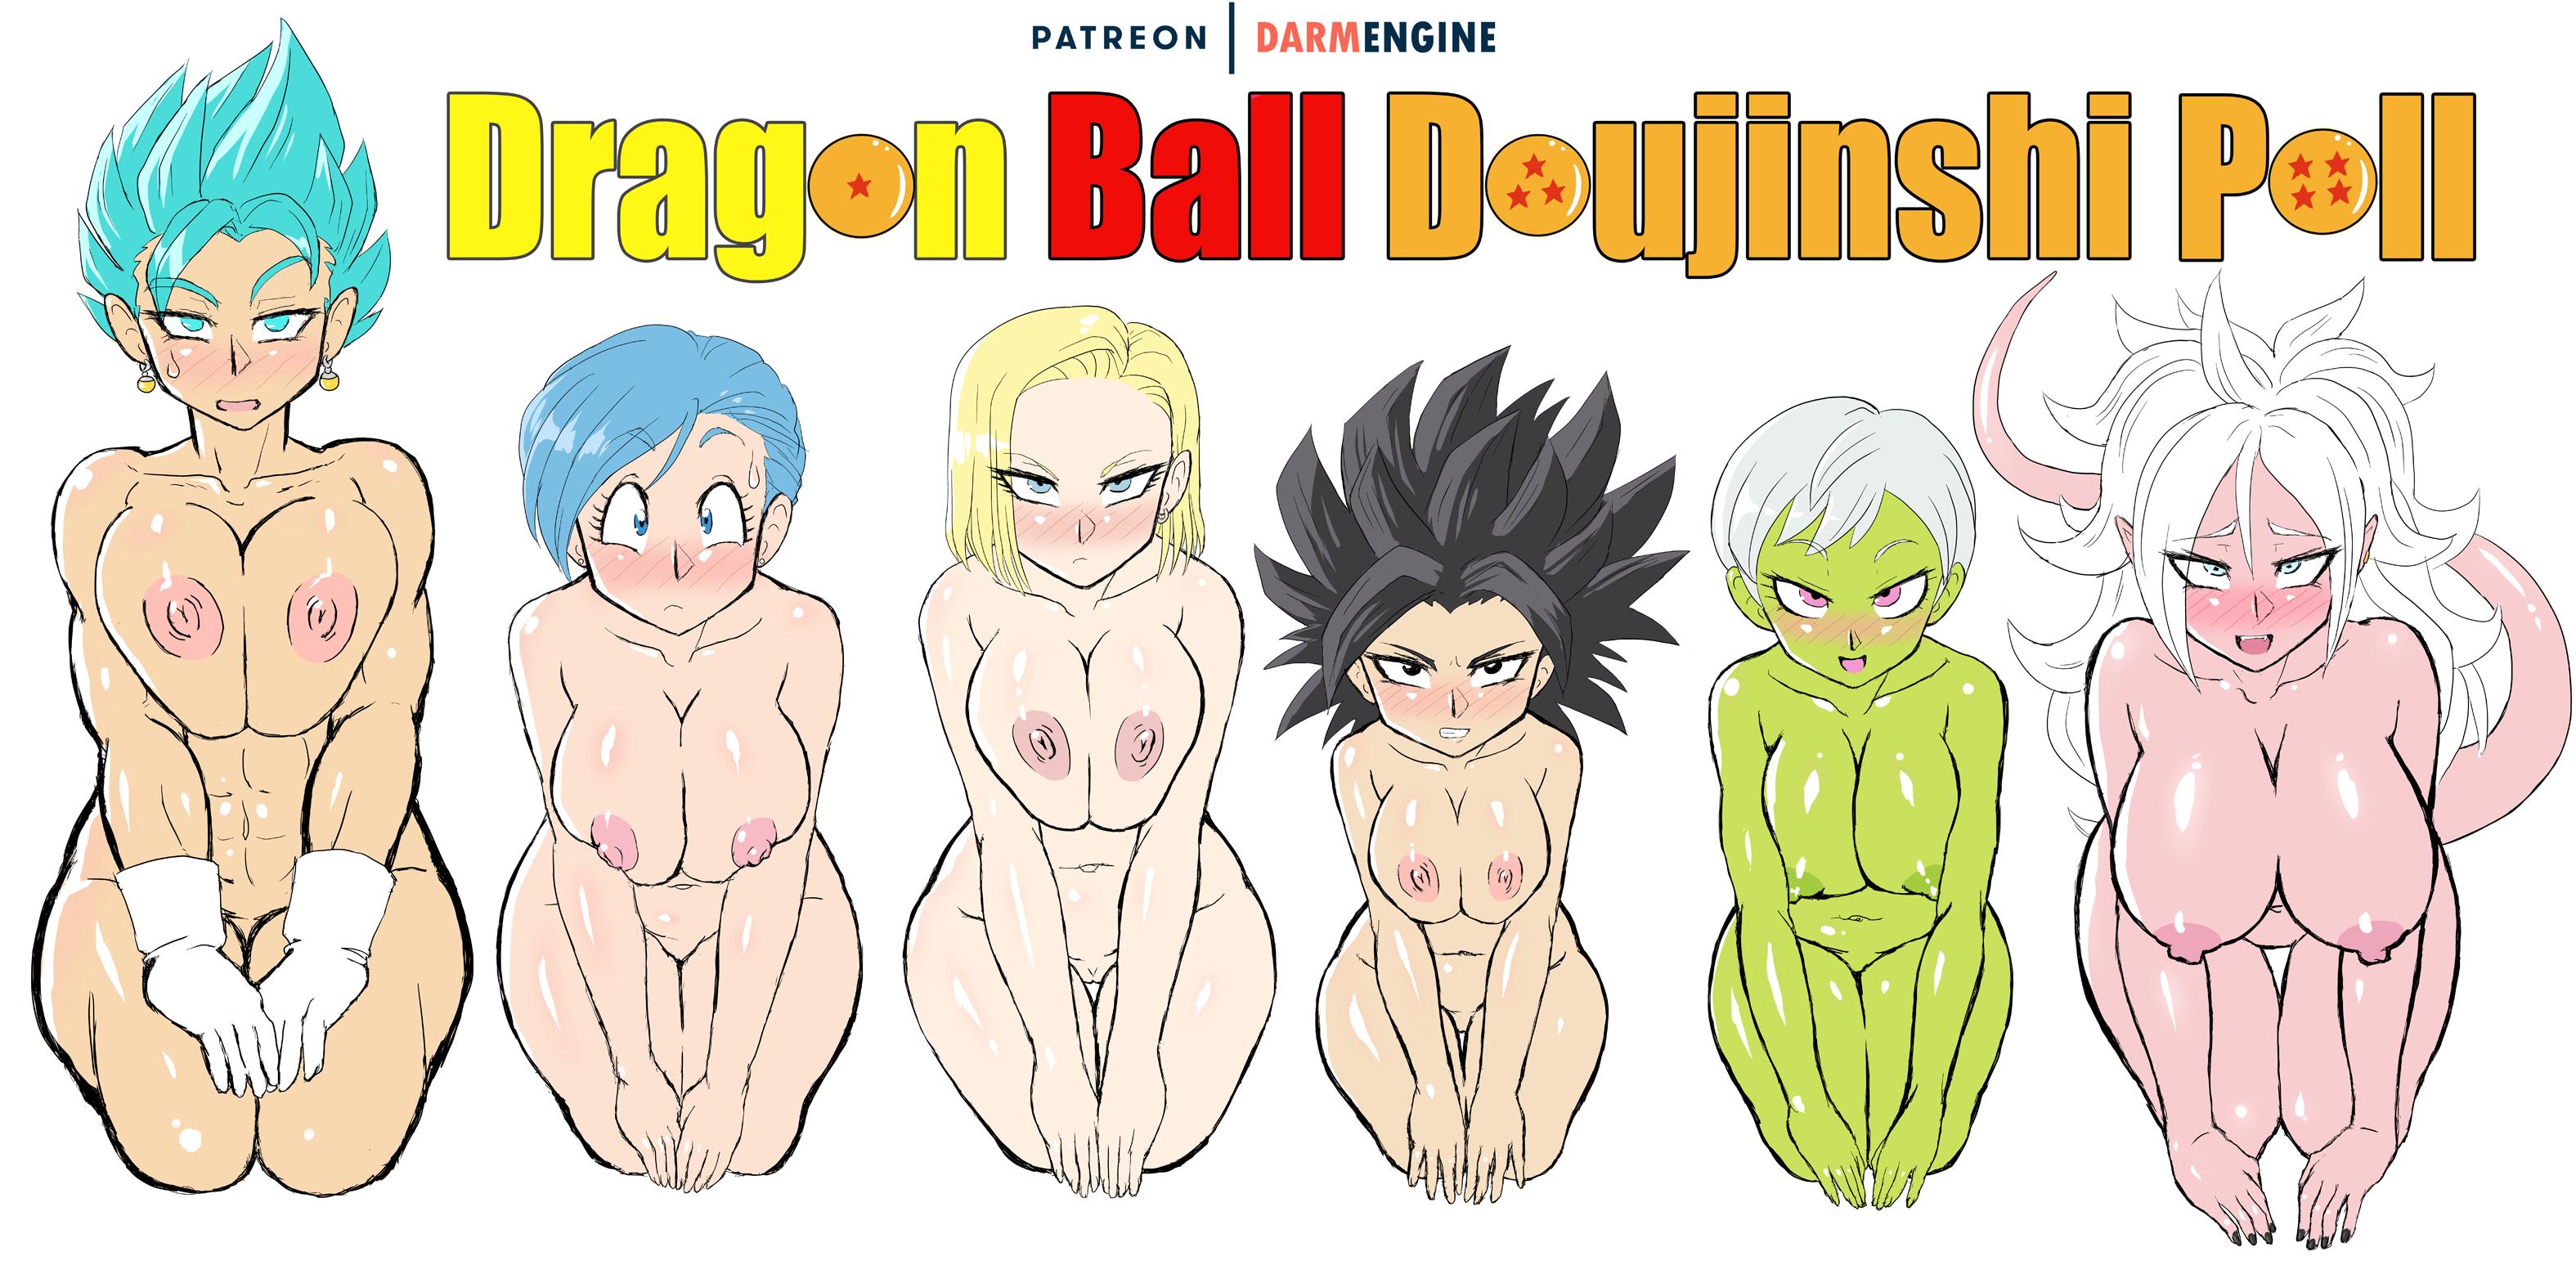 Dragon Ball Doujinshi Poll Promo Image